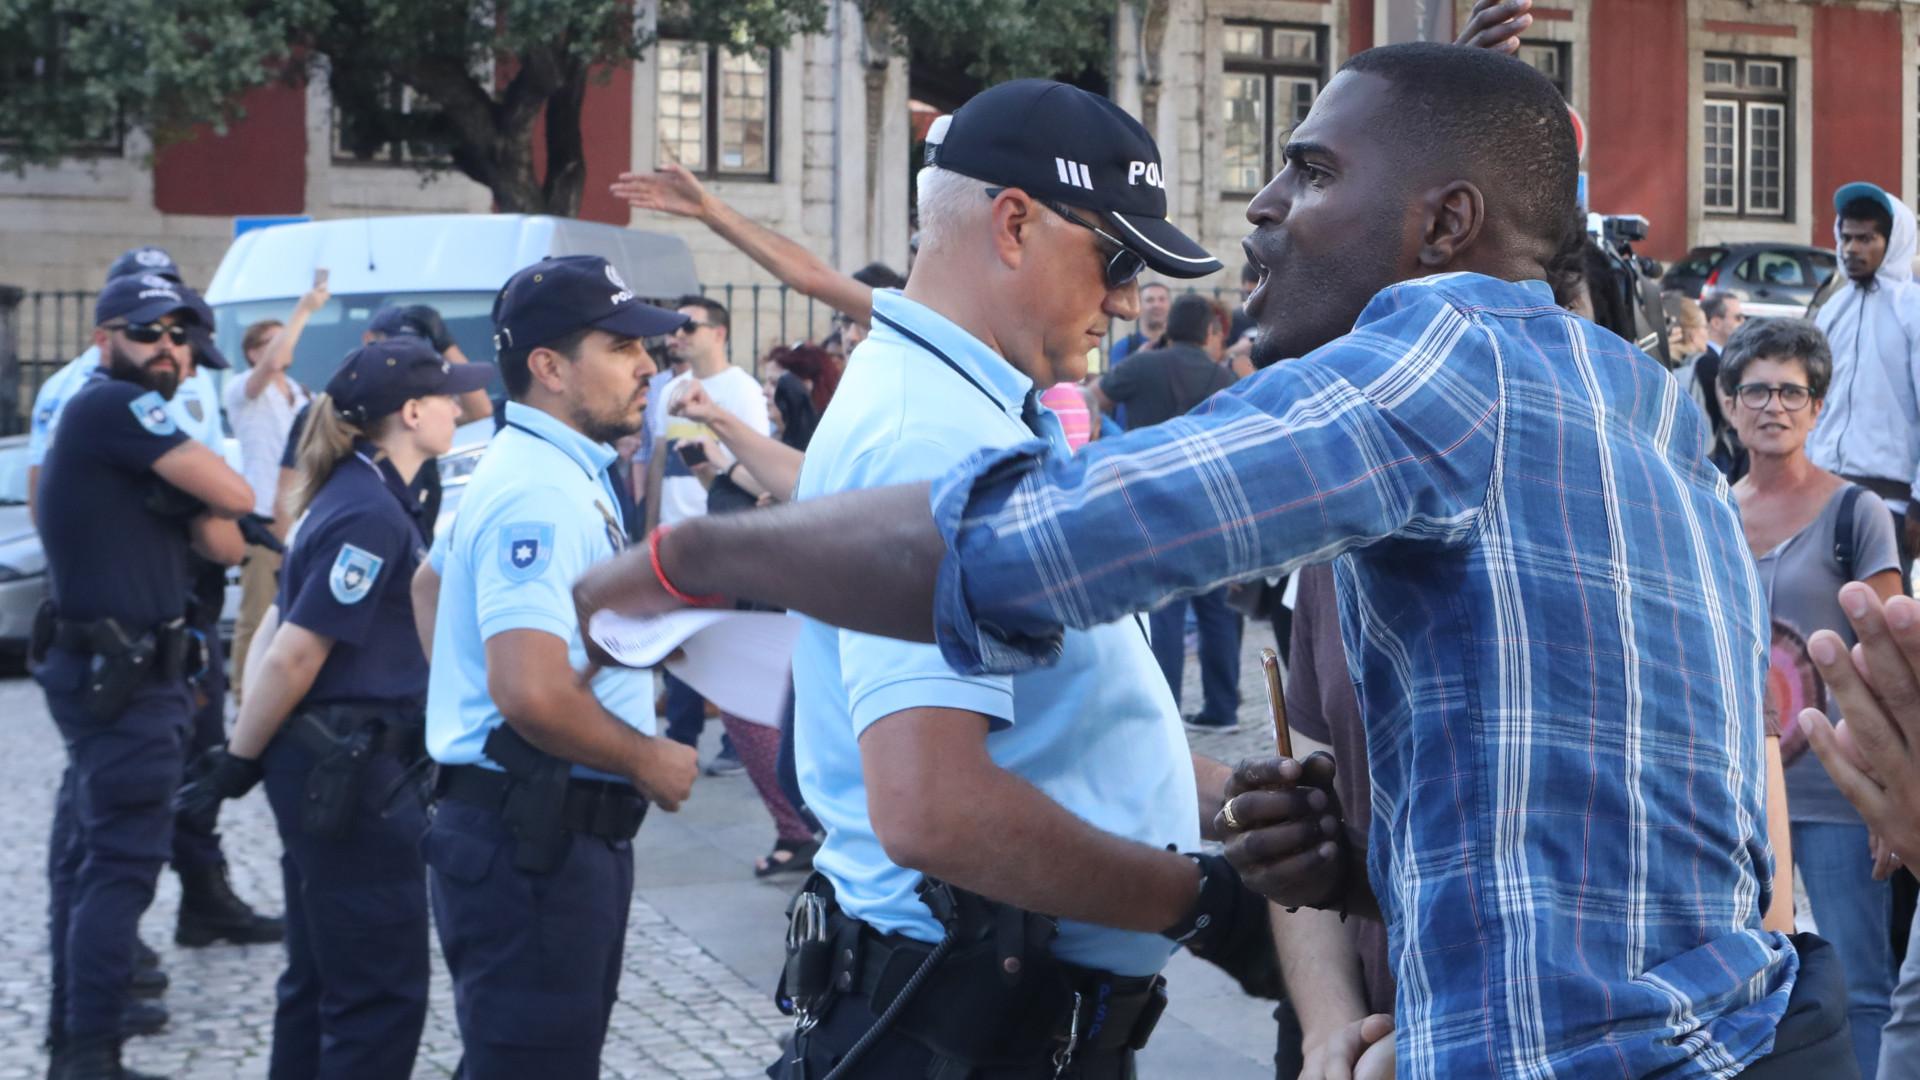 PNR e movimentos antirracistas em confronto verbal esta tarde em Lisboa